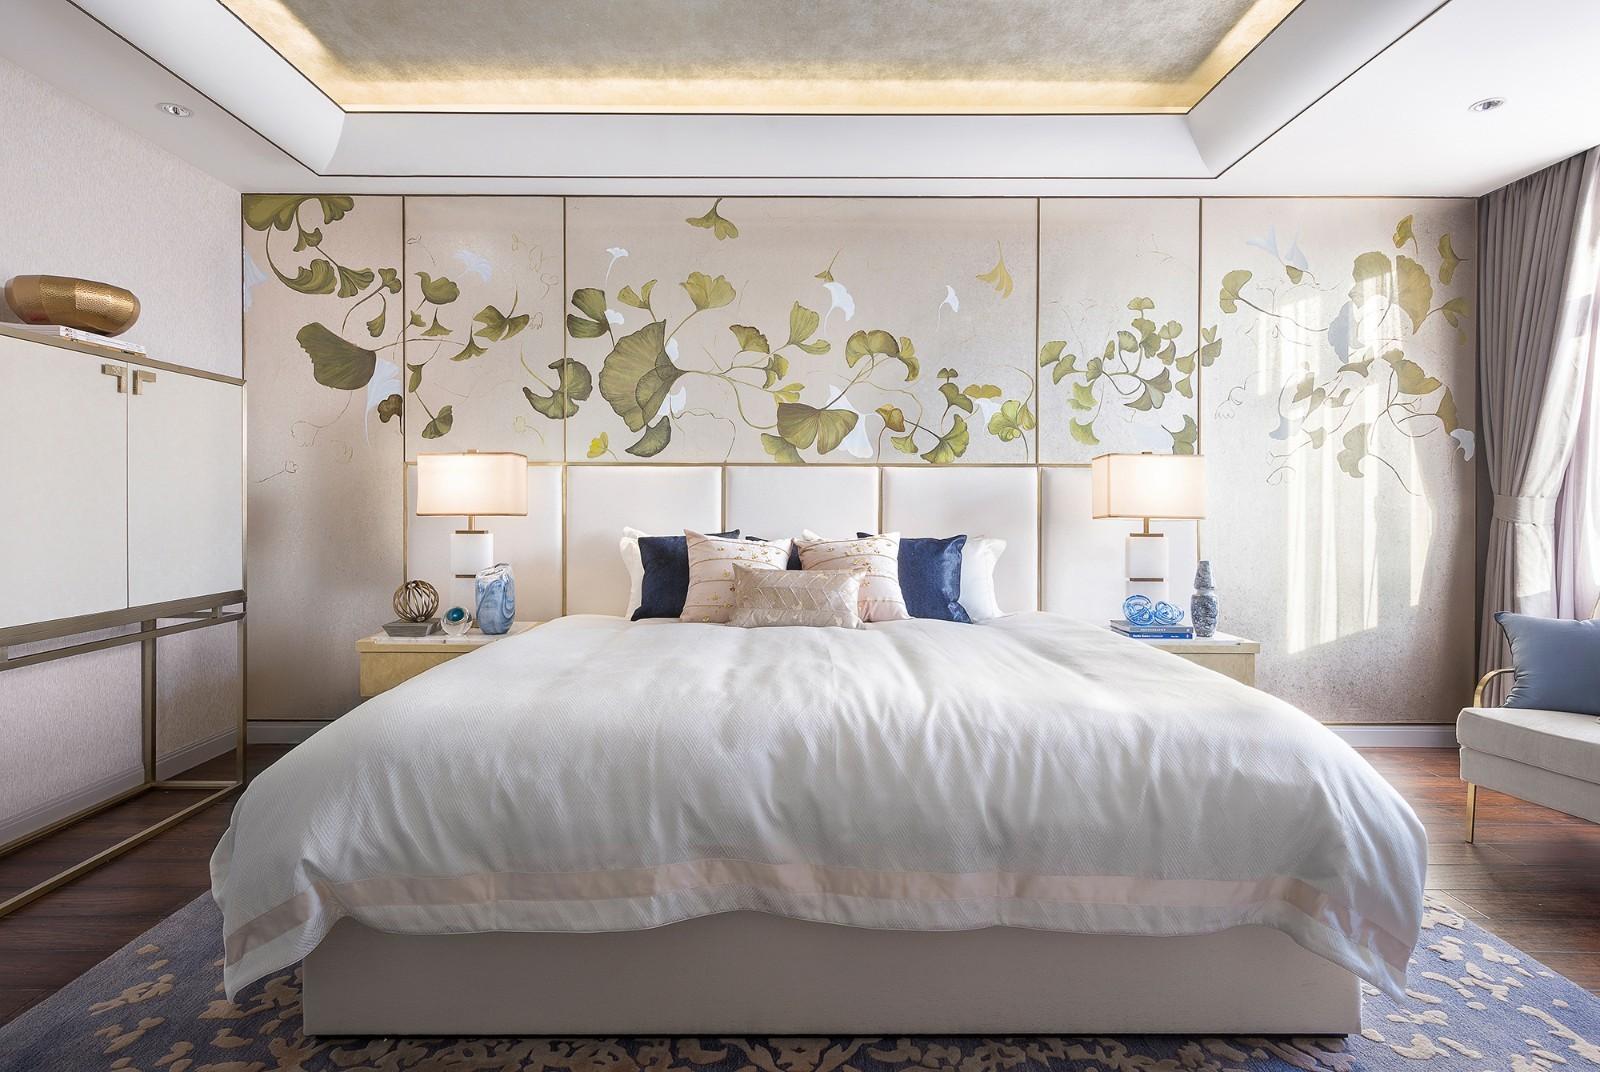 3室2卫2厅160平米现代风格